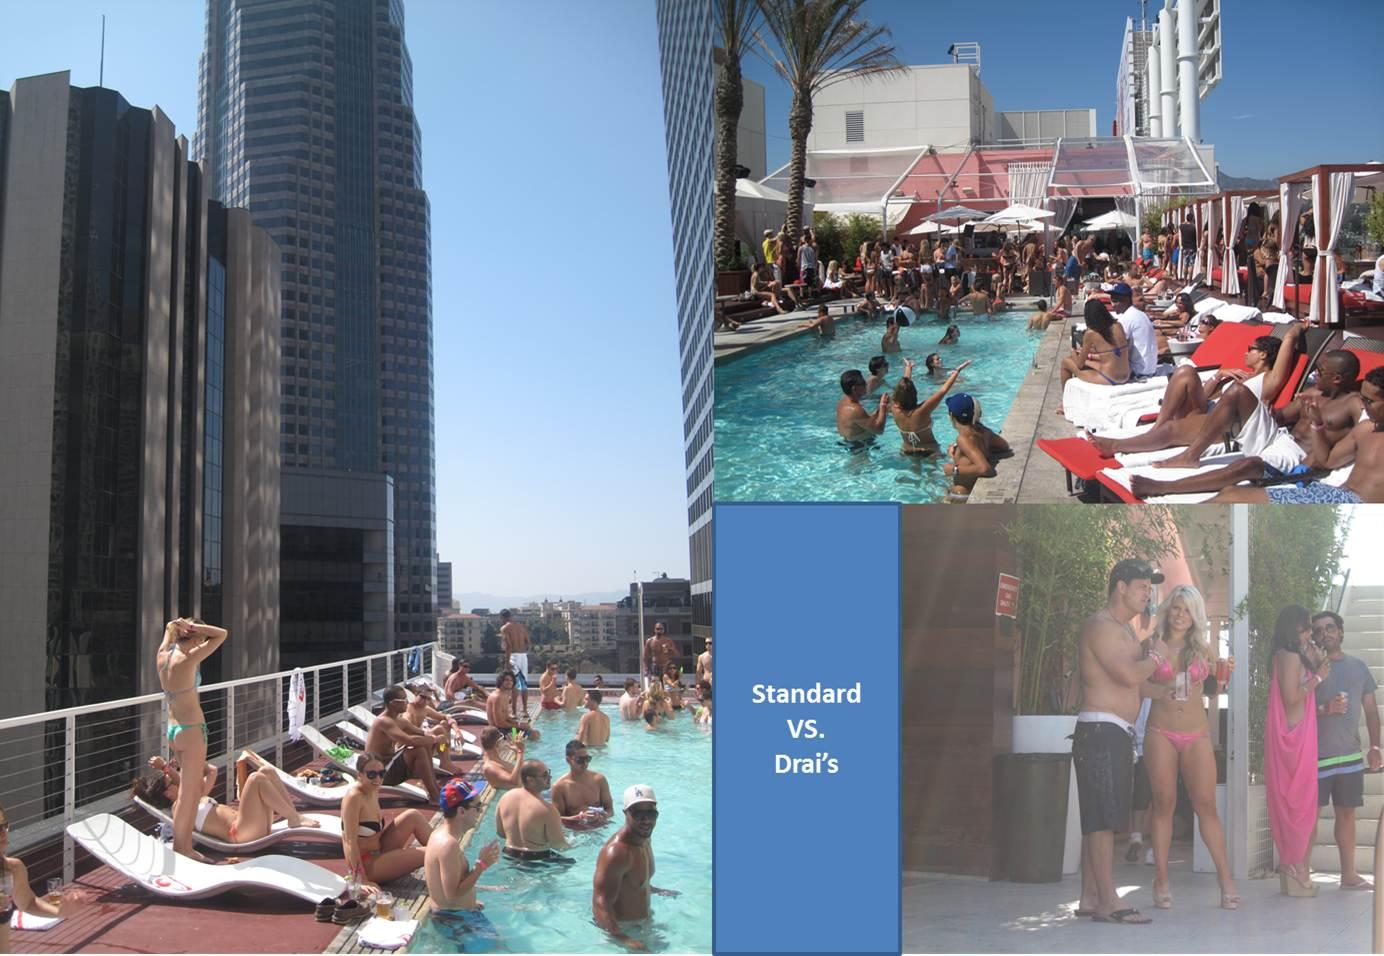 http://4.bp.blogspot.com/-6eoIO6No15E/TlZ9CQ3brqI/AAAAAAAAB1s/Ppml8UvRqhs/s1600/Pool+party.jpg